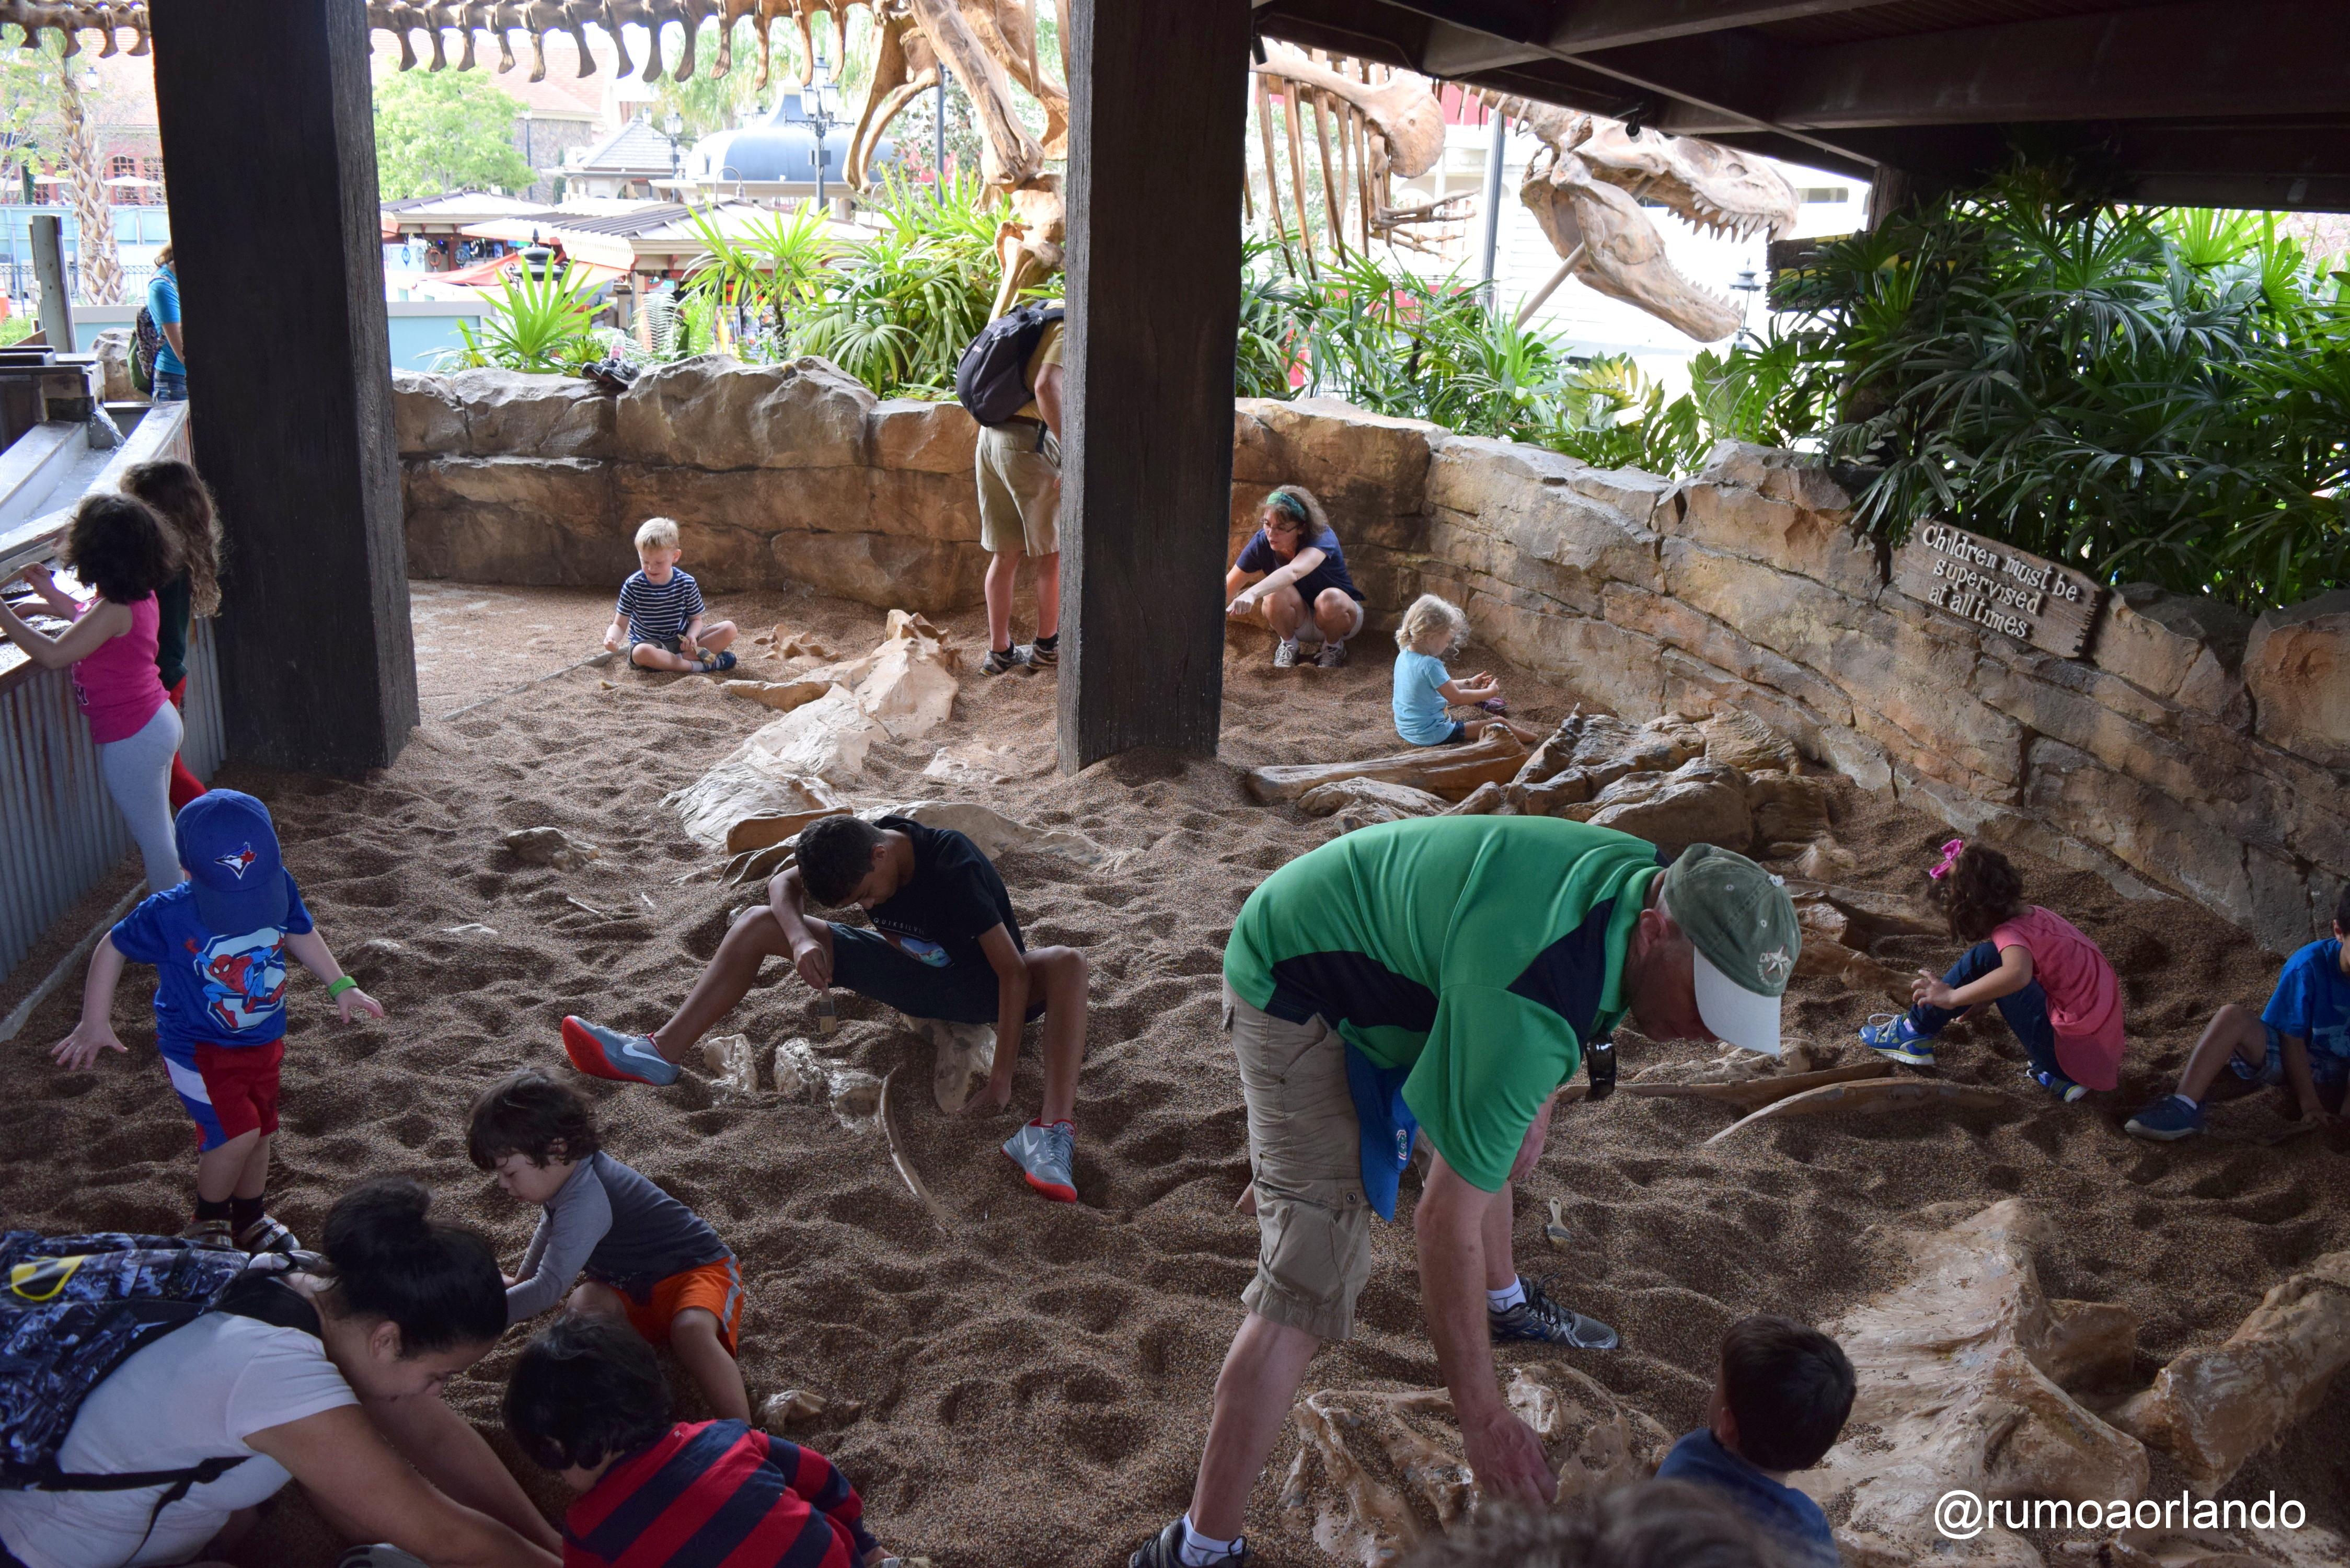 Esta é a área de espera do T-Rex, onde as crianças podem brincar de fazer escavações enquanto a mesa não está liberada.